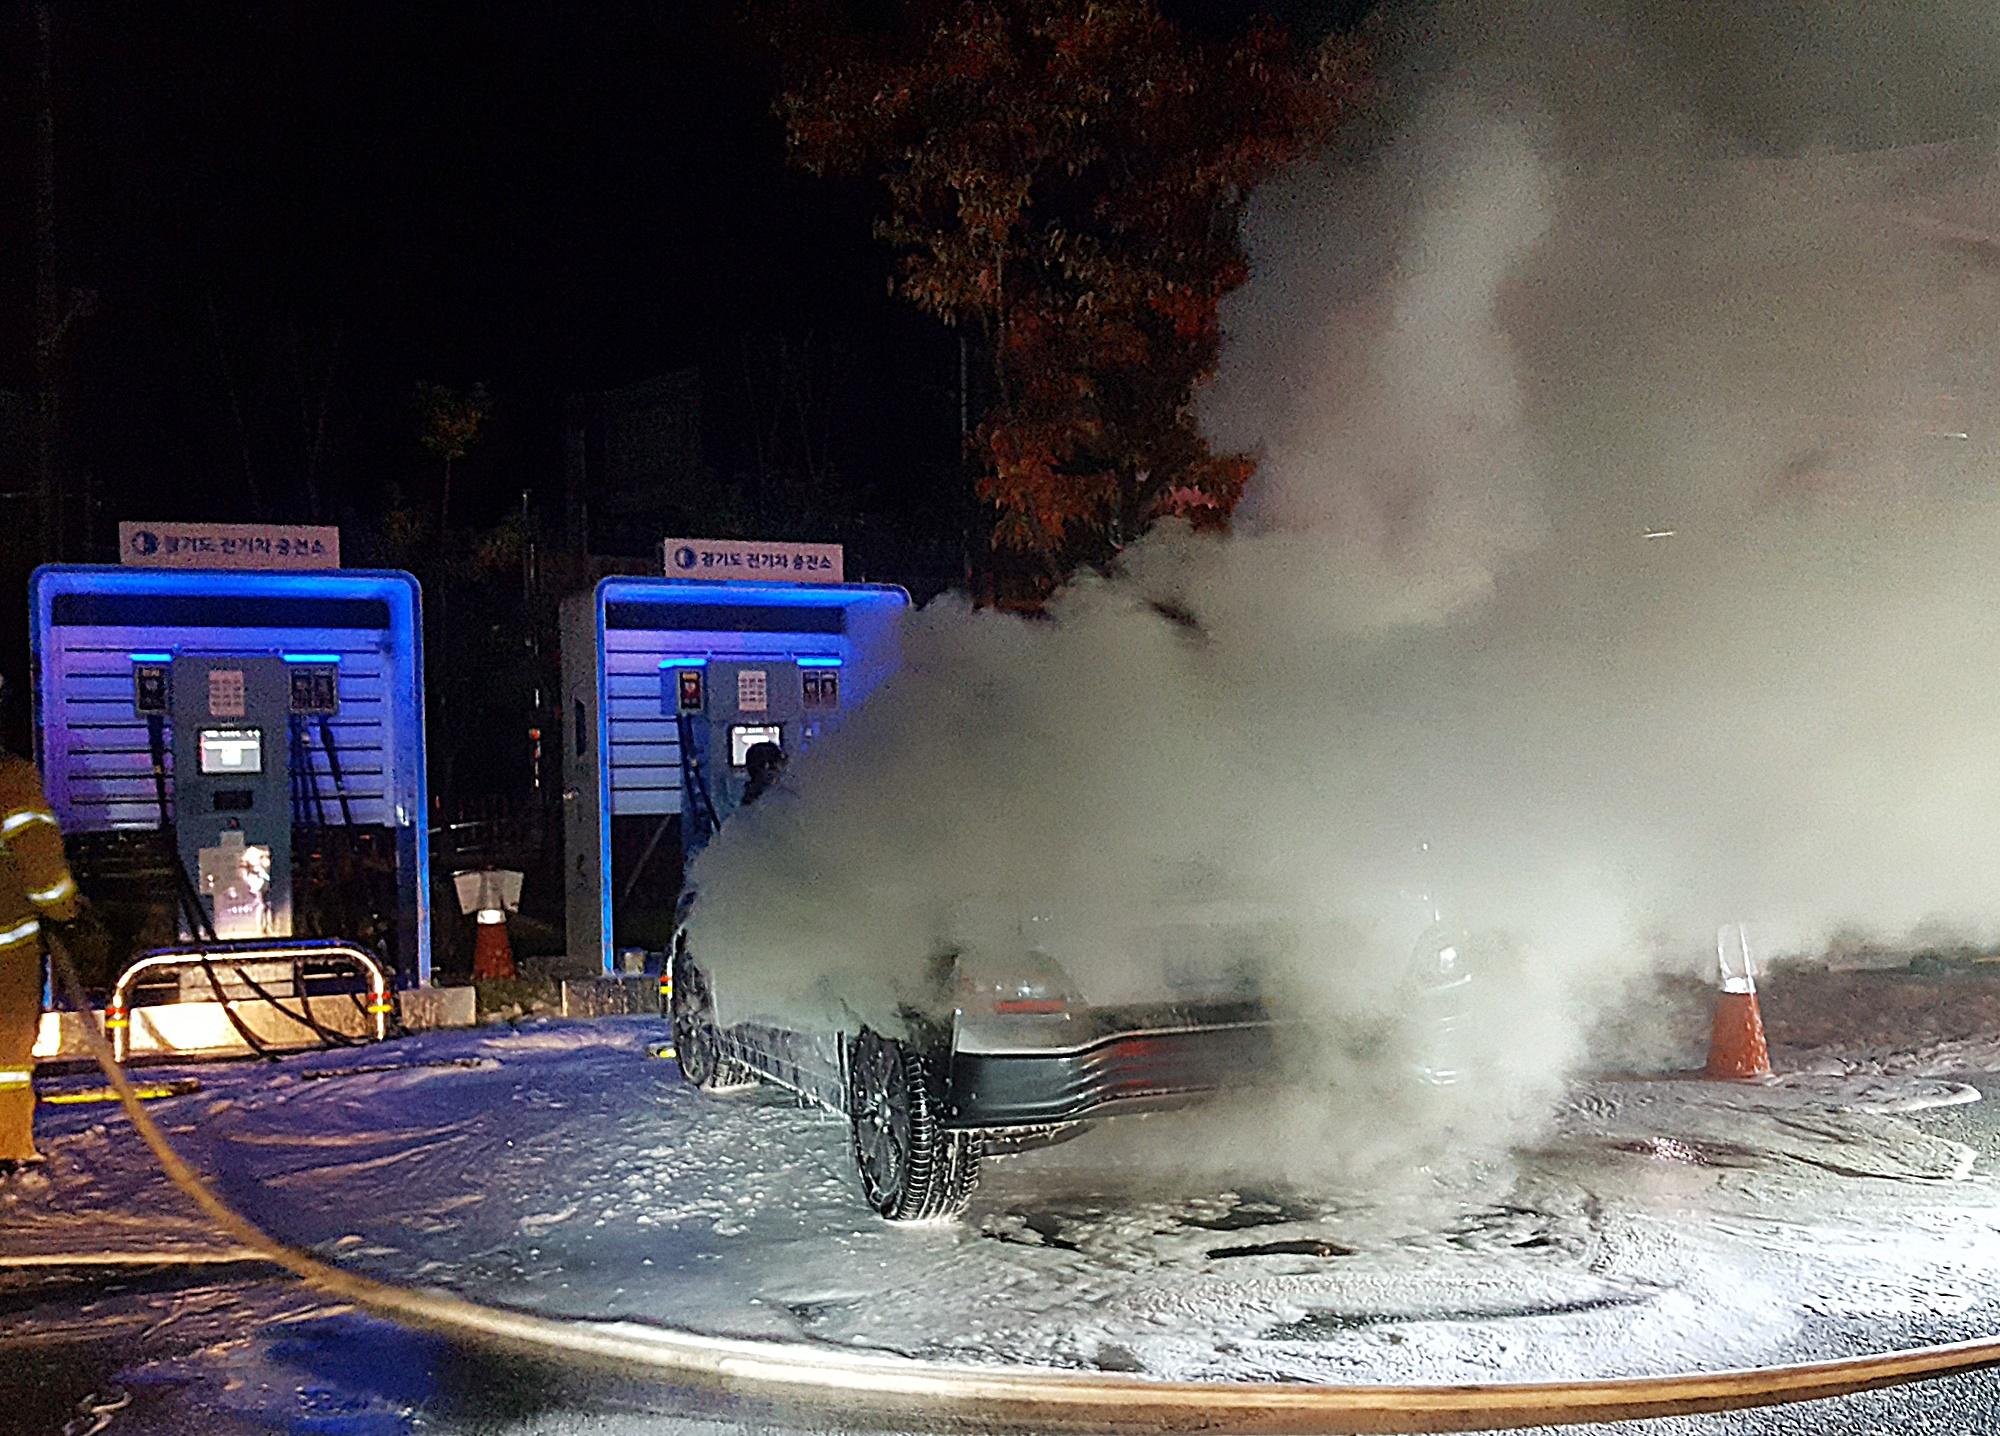 17일 오전 3시 40분께 경기 남양주시 와부읍 주민자치센터 주차장에 세워진 코나 일렉트릭(EV)에서 배터리 충전 중 불이 났다. 사진 남양주소방서